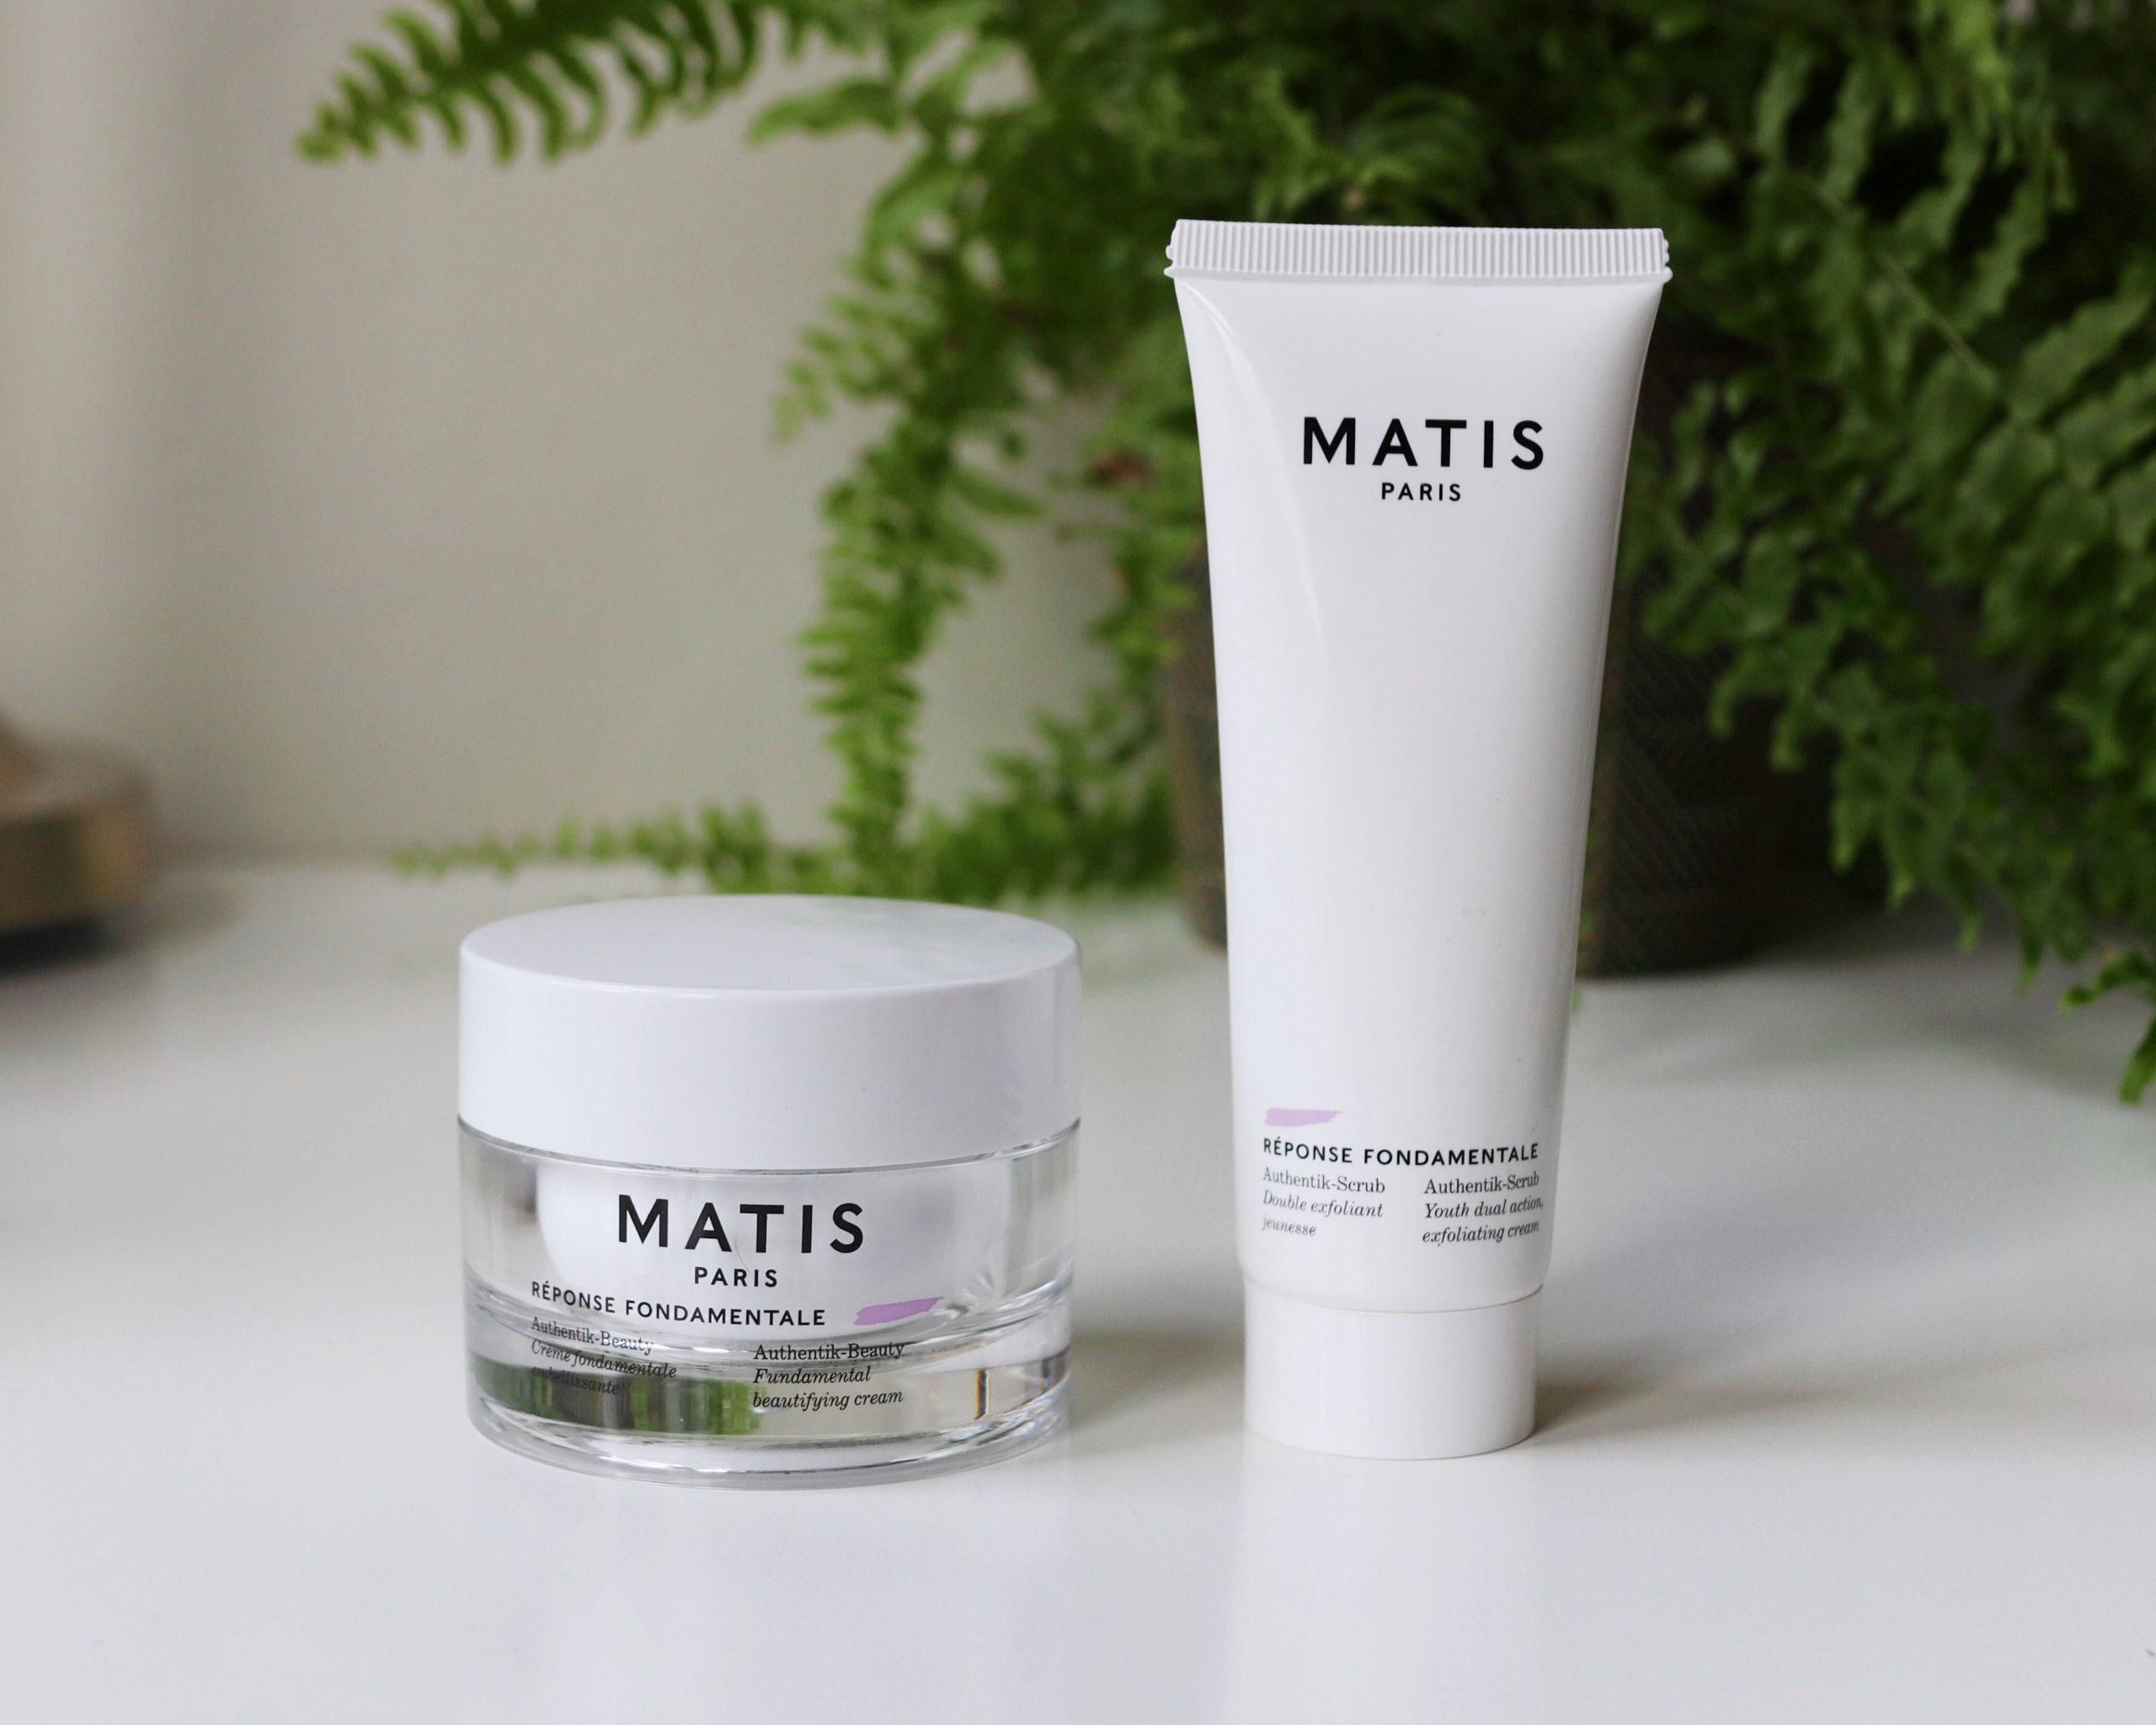 Matis Paris Parisian Escapes Harvest In Montmarte skincare gift set